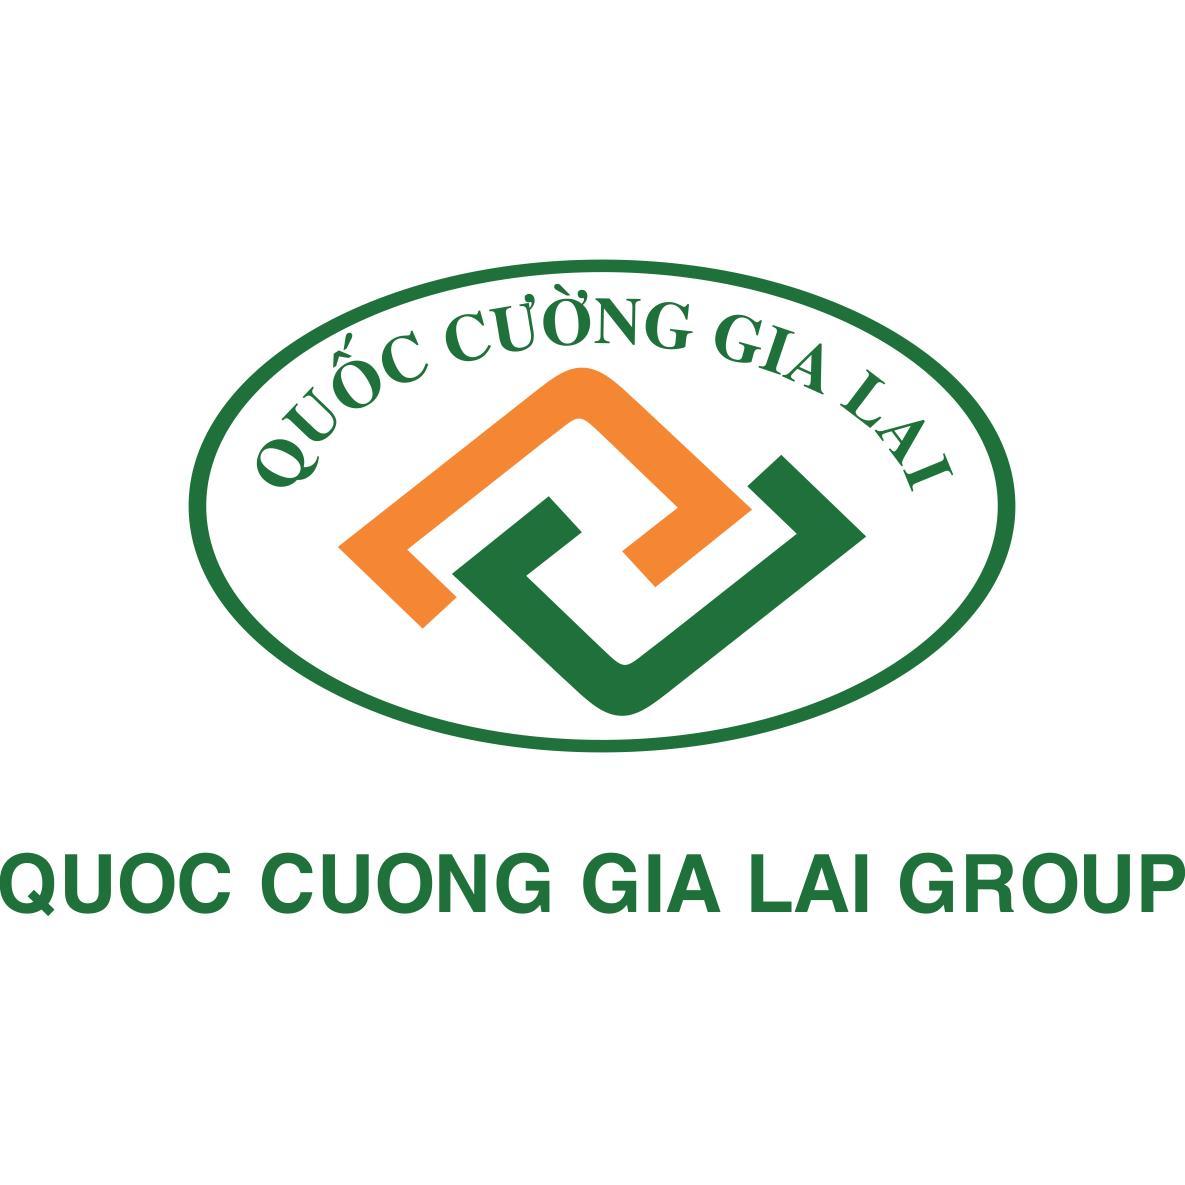 QCG: Tân Thuận chuyển nhượng đất Phước Kiển không phải đấu giá